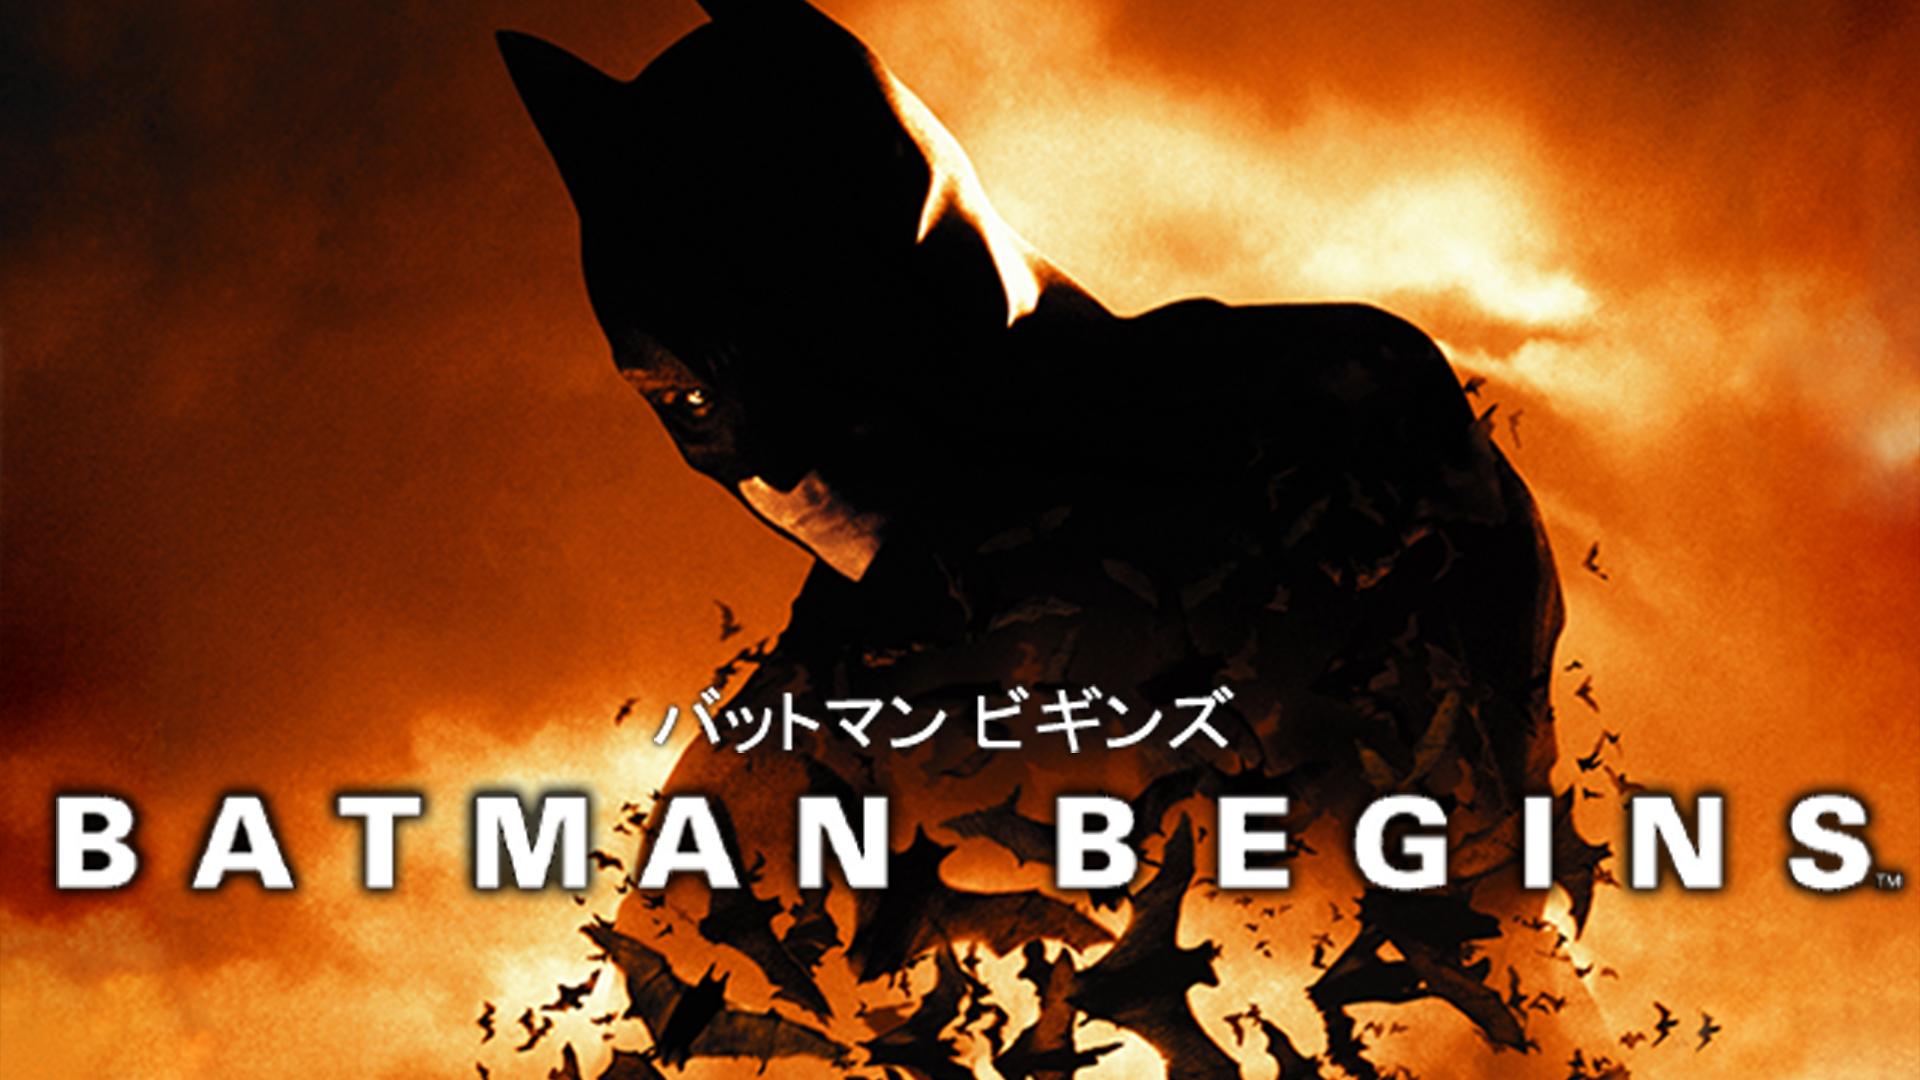 バットマン ビギンズの動画 - バットマン&ハーレイ・クイン